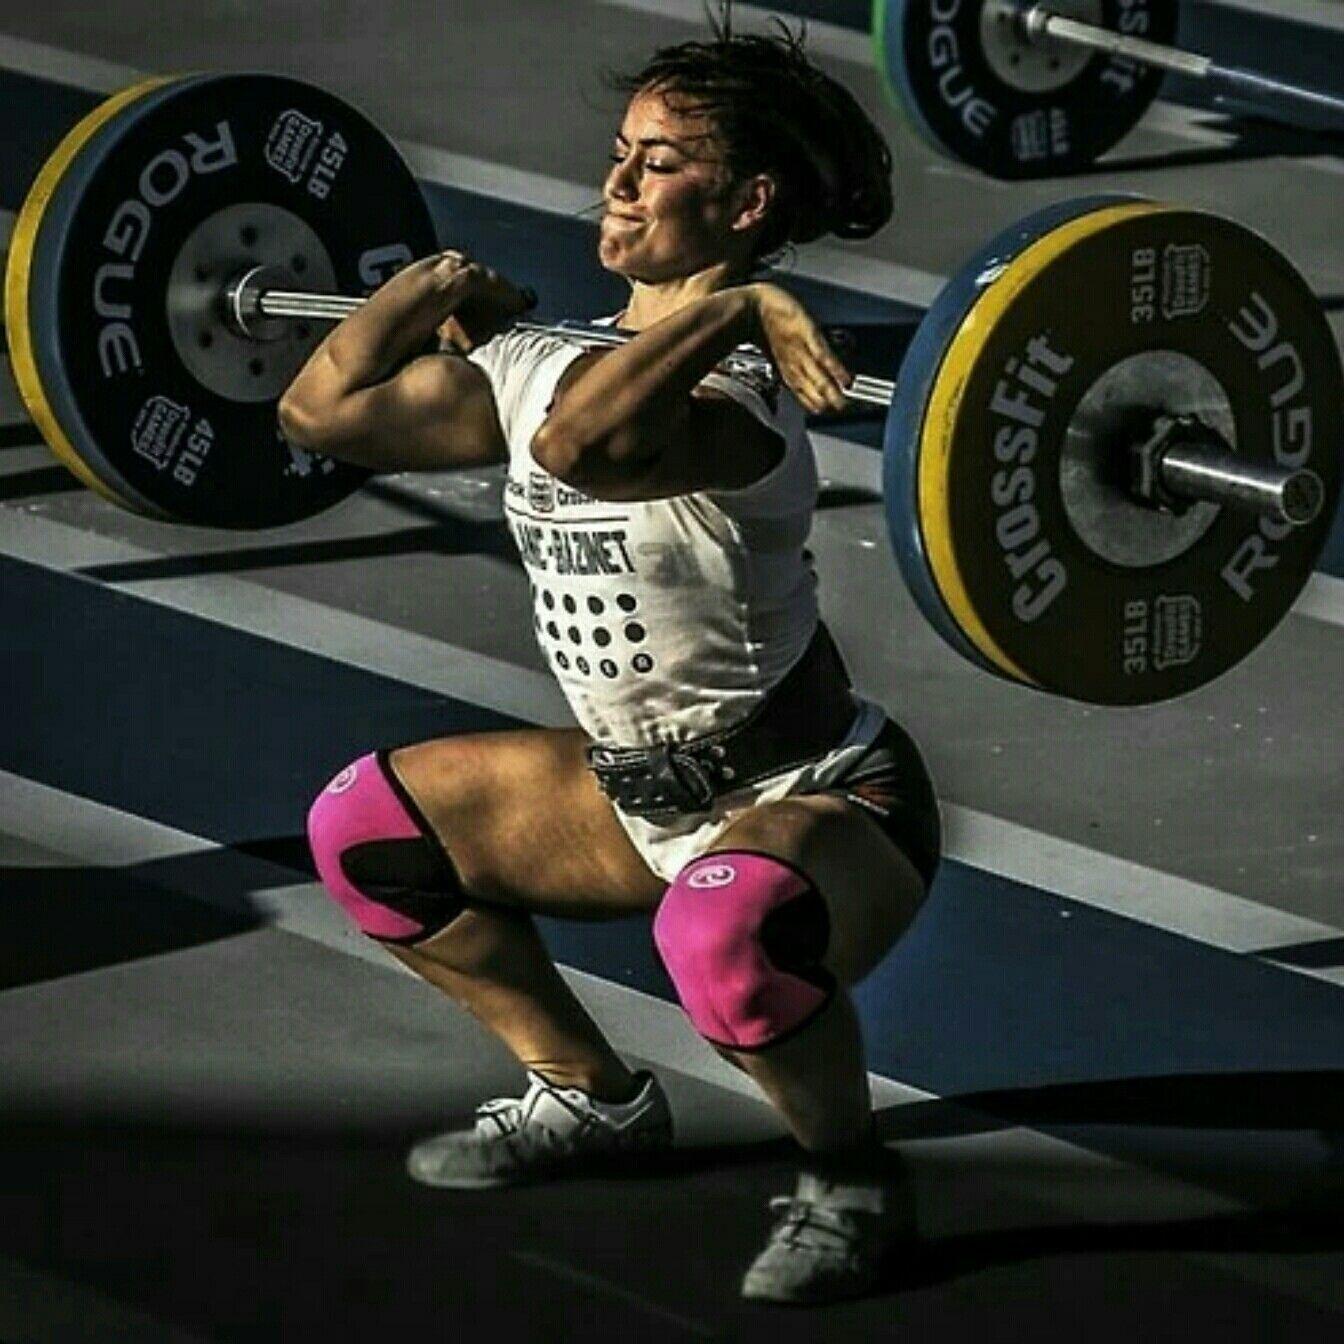 Breathtaking Gym images, Garage gym, Crossfit motivation